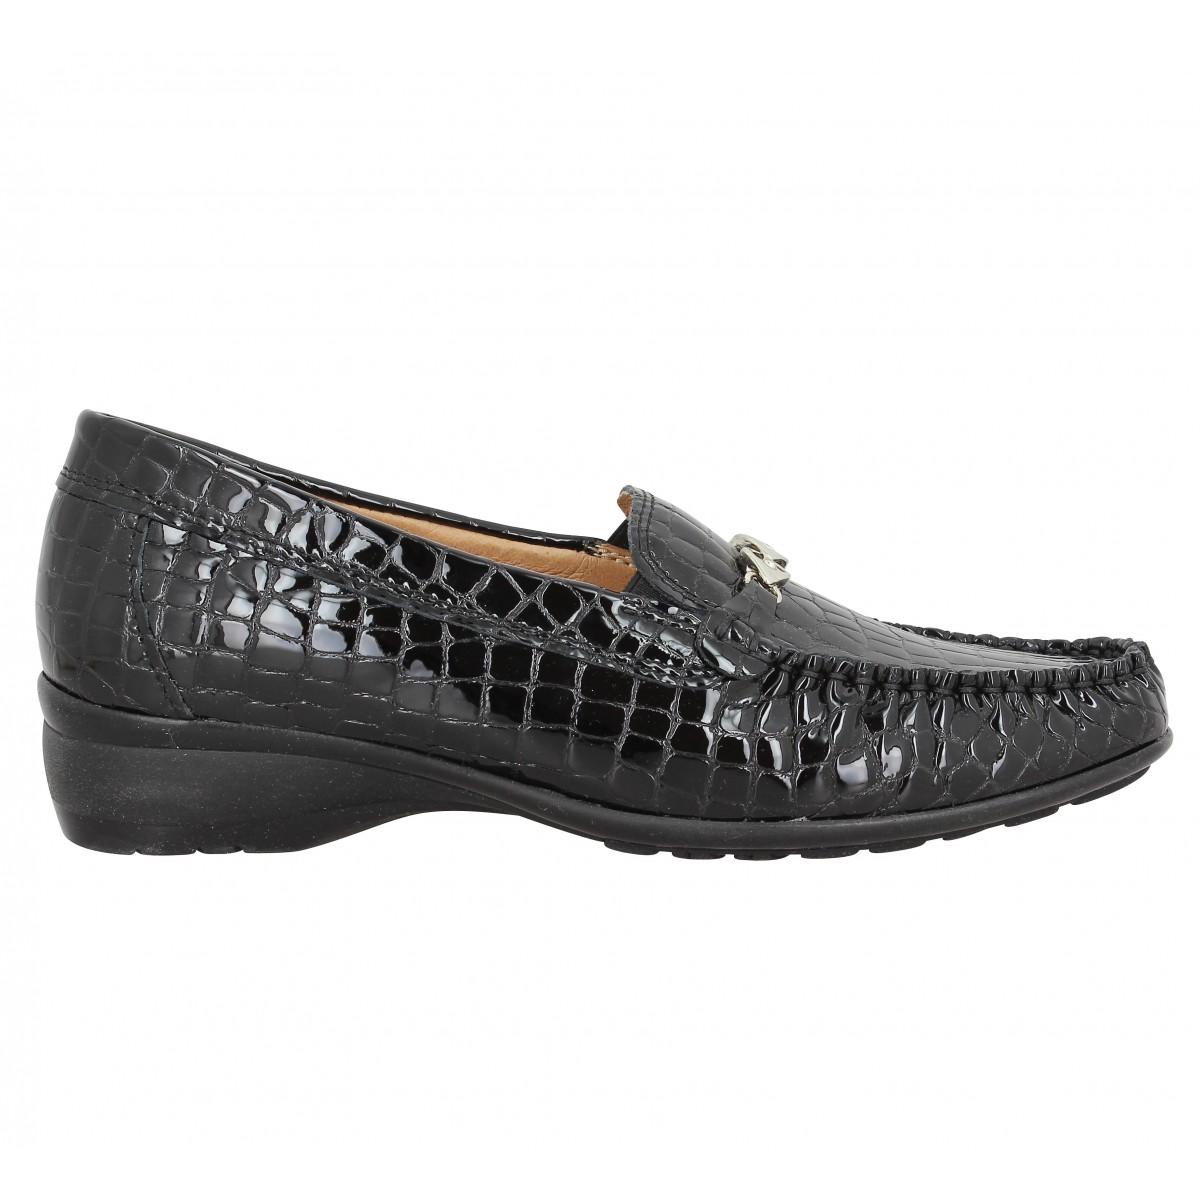 Renaissance - Chaussures De Sport Pour Femmes / Kickers Noir lzAQs7